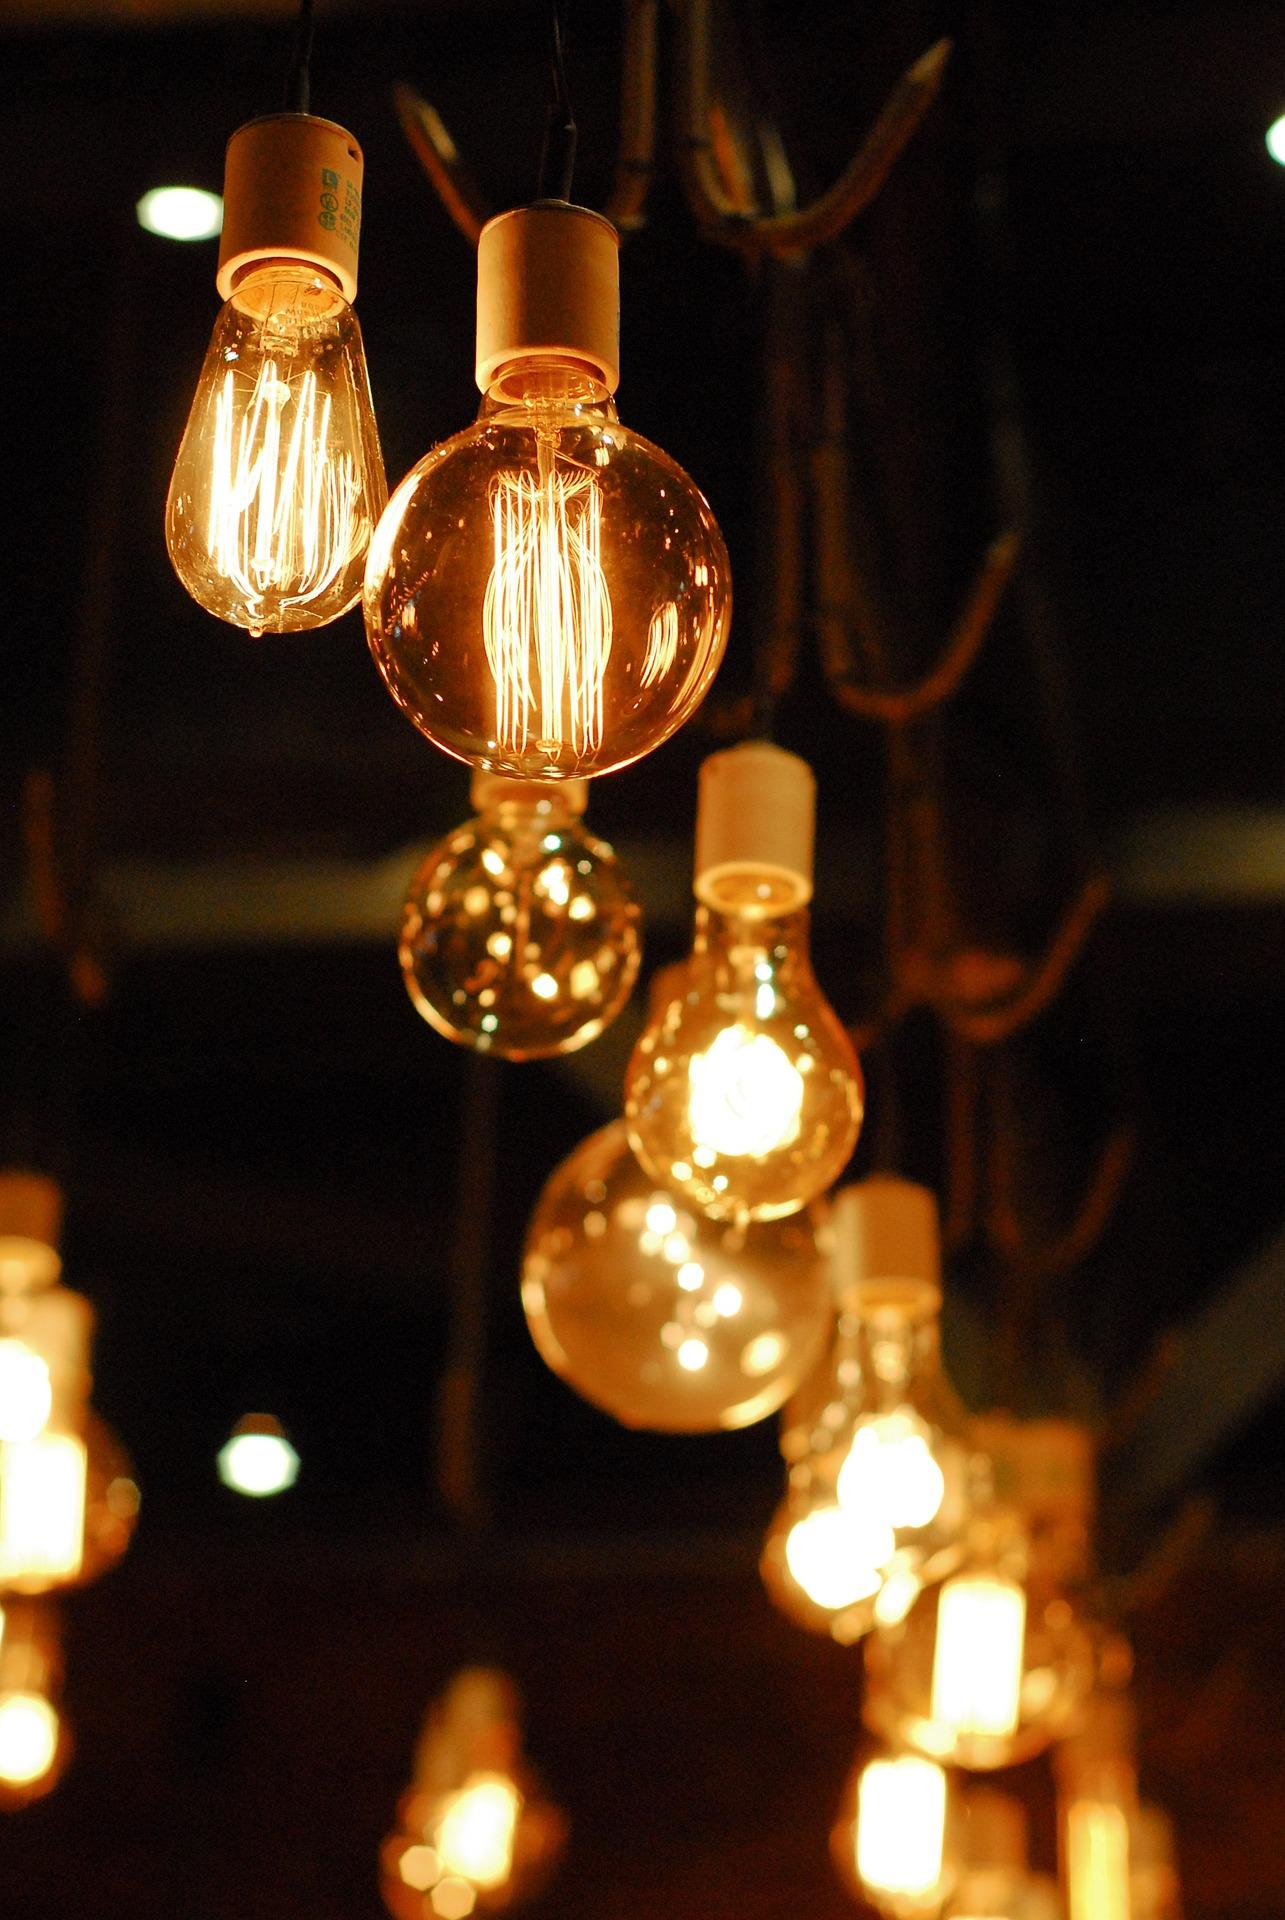 One Thousand Light Bulbs